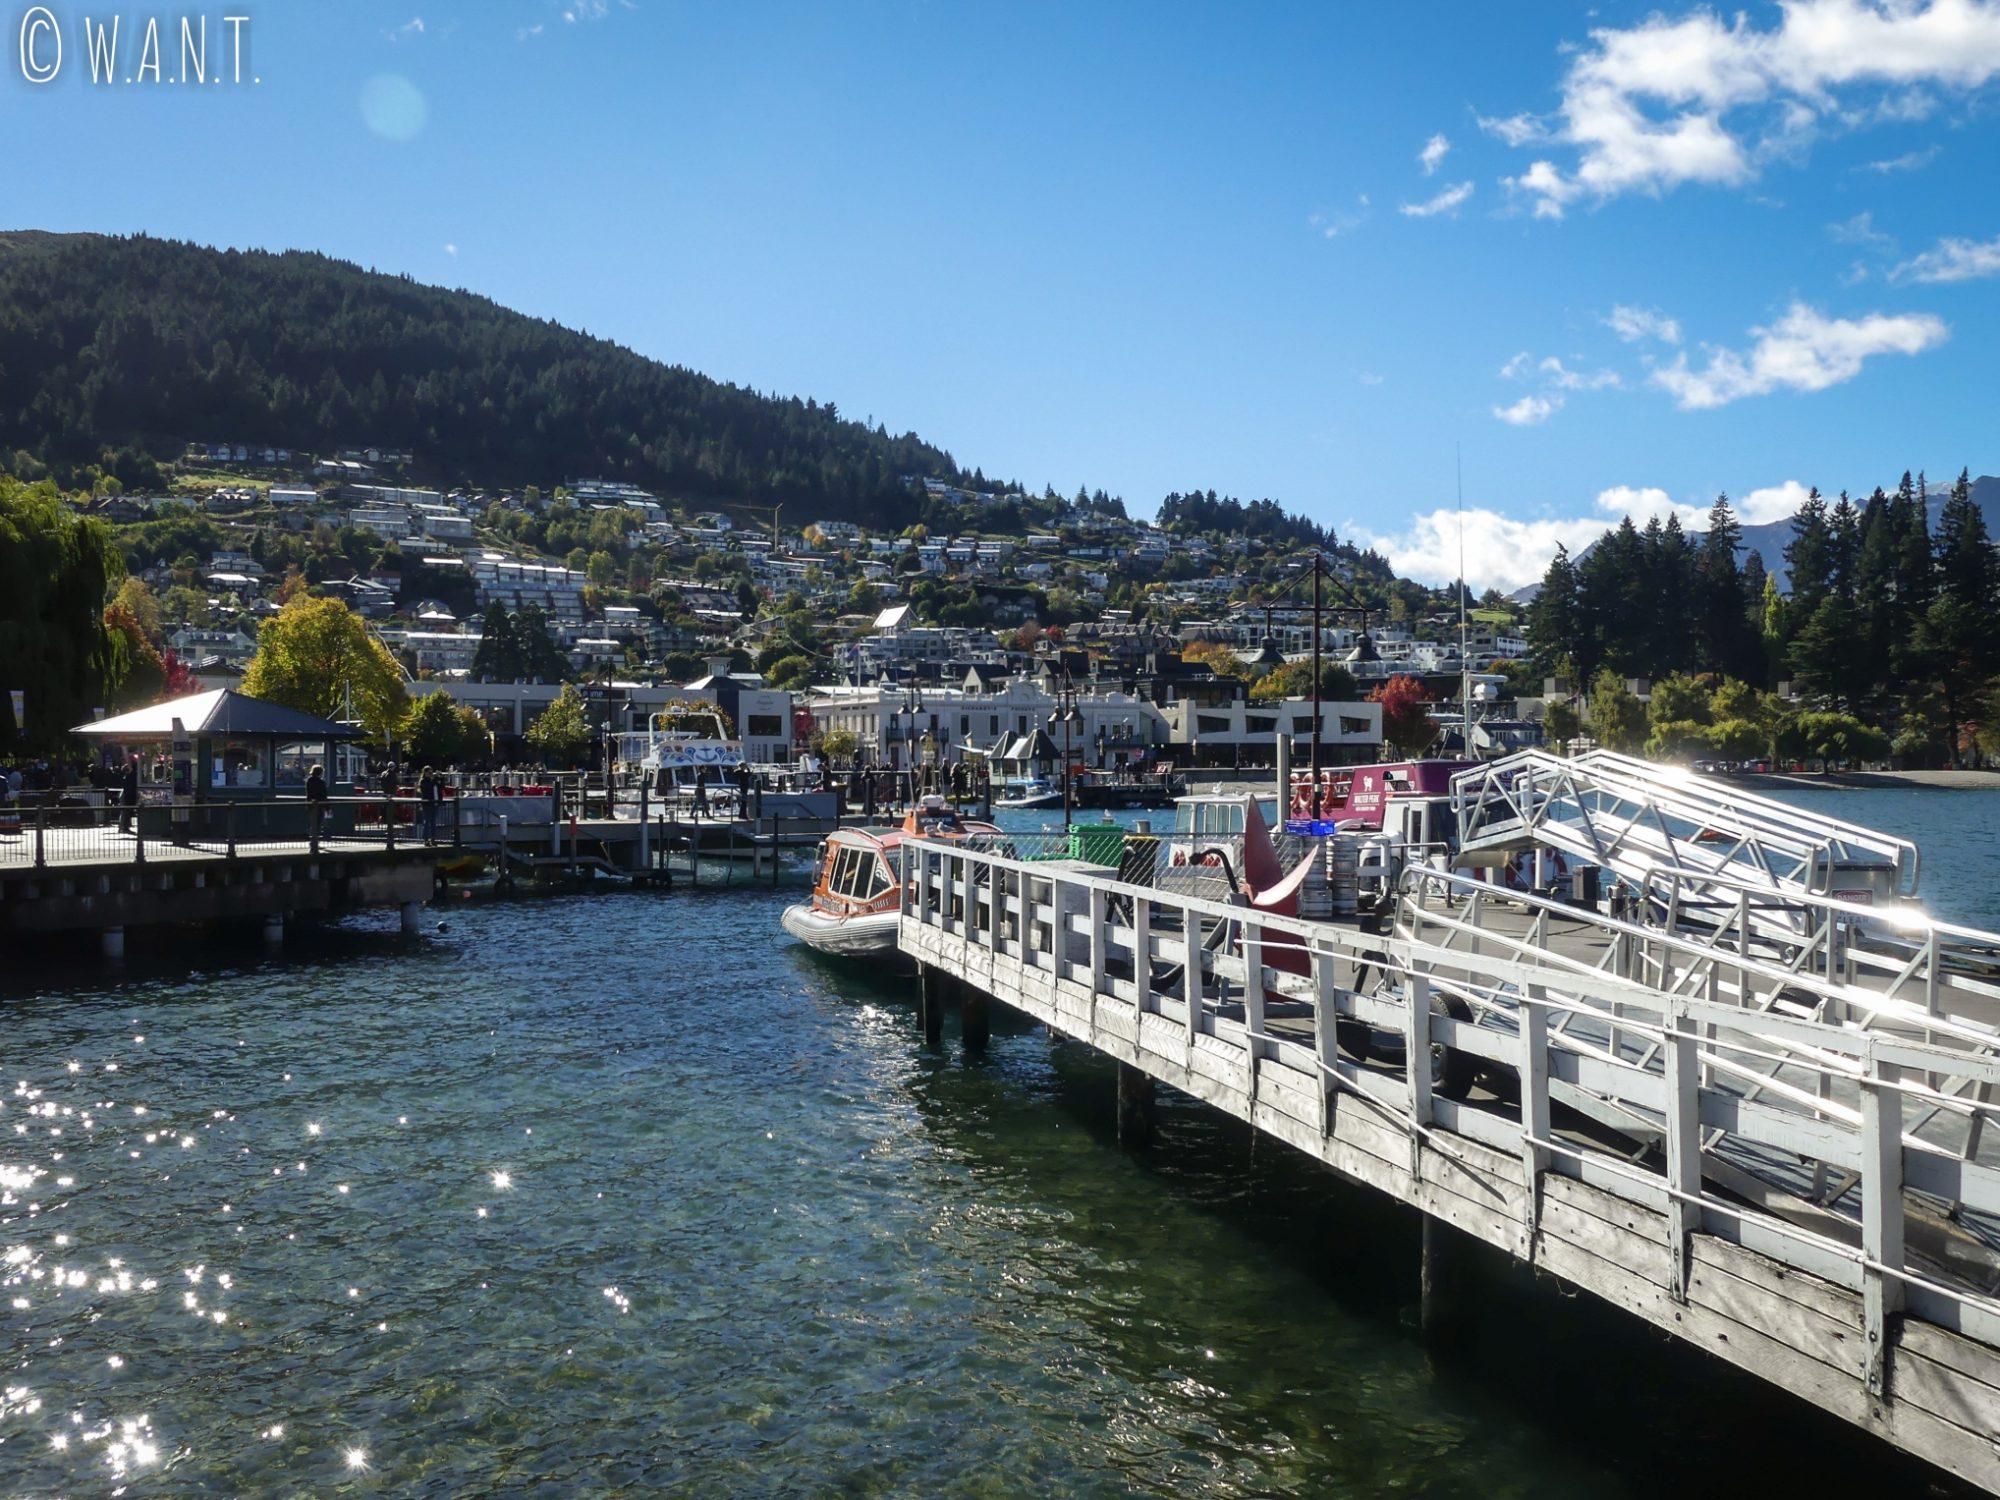 Il est possible de réaliser de nombreuses activités nautiques sur le lac Wakatipu à Queenstown en Nouvelle-Zélande